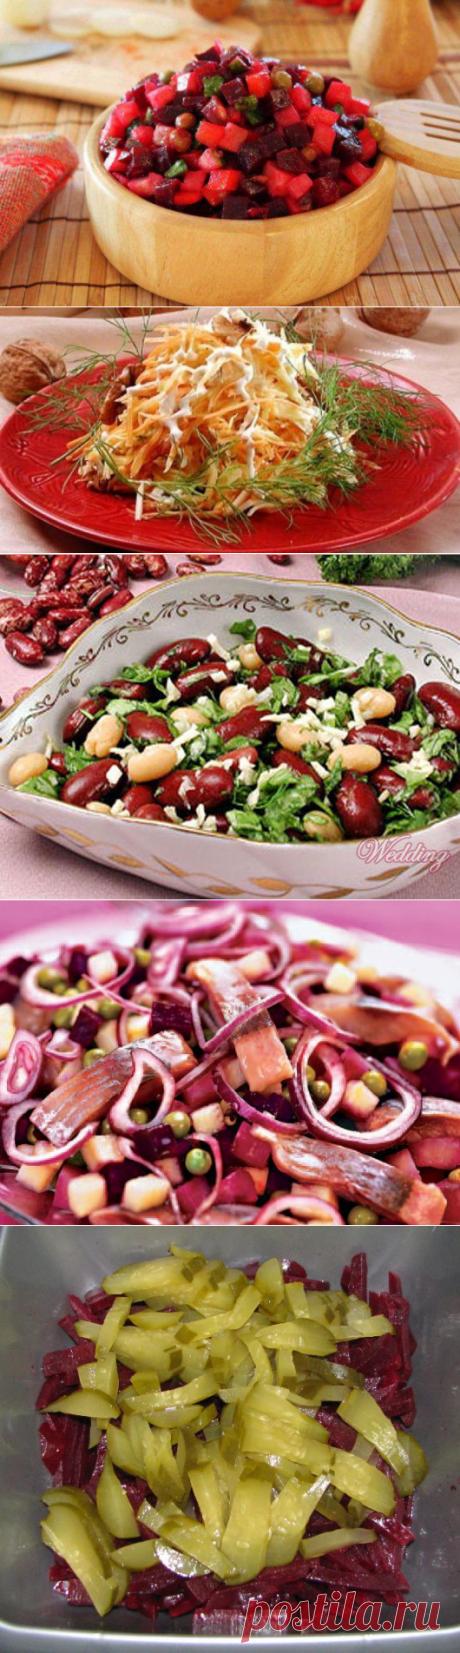 20 рецептов вкусных постных блюд! (салаты, супы, запеканки, закуски, десерты) » Женский Мир